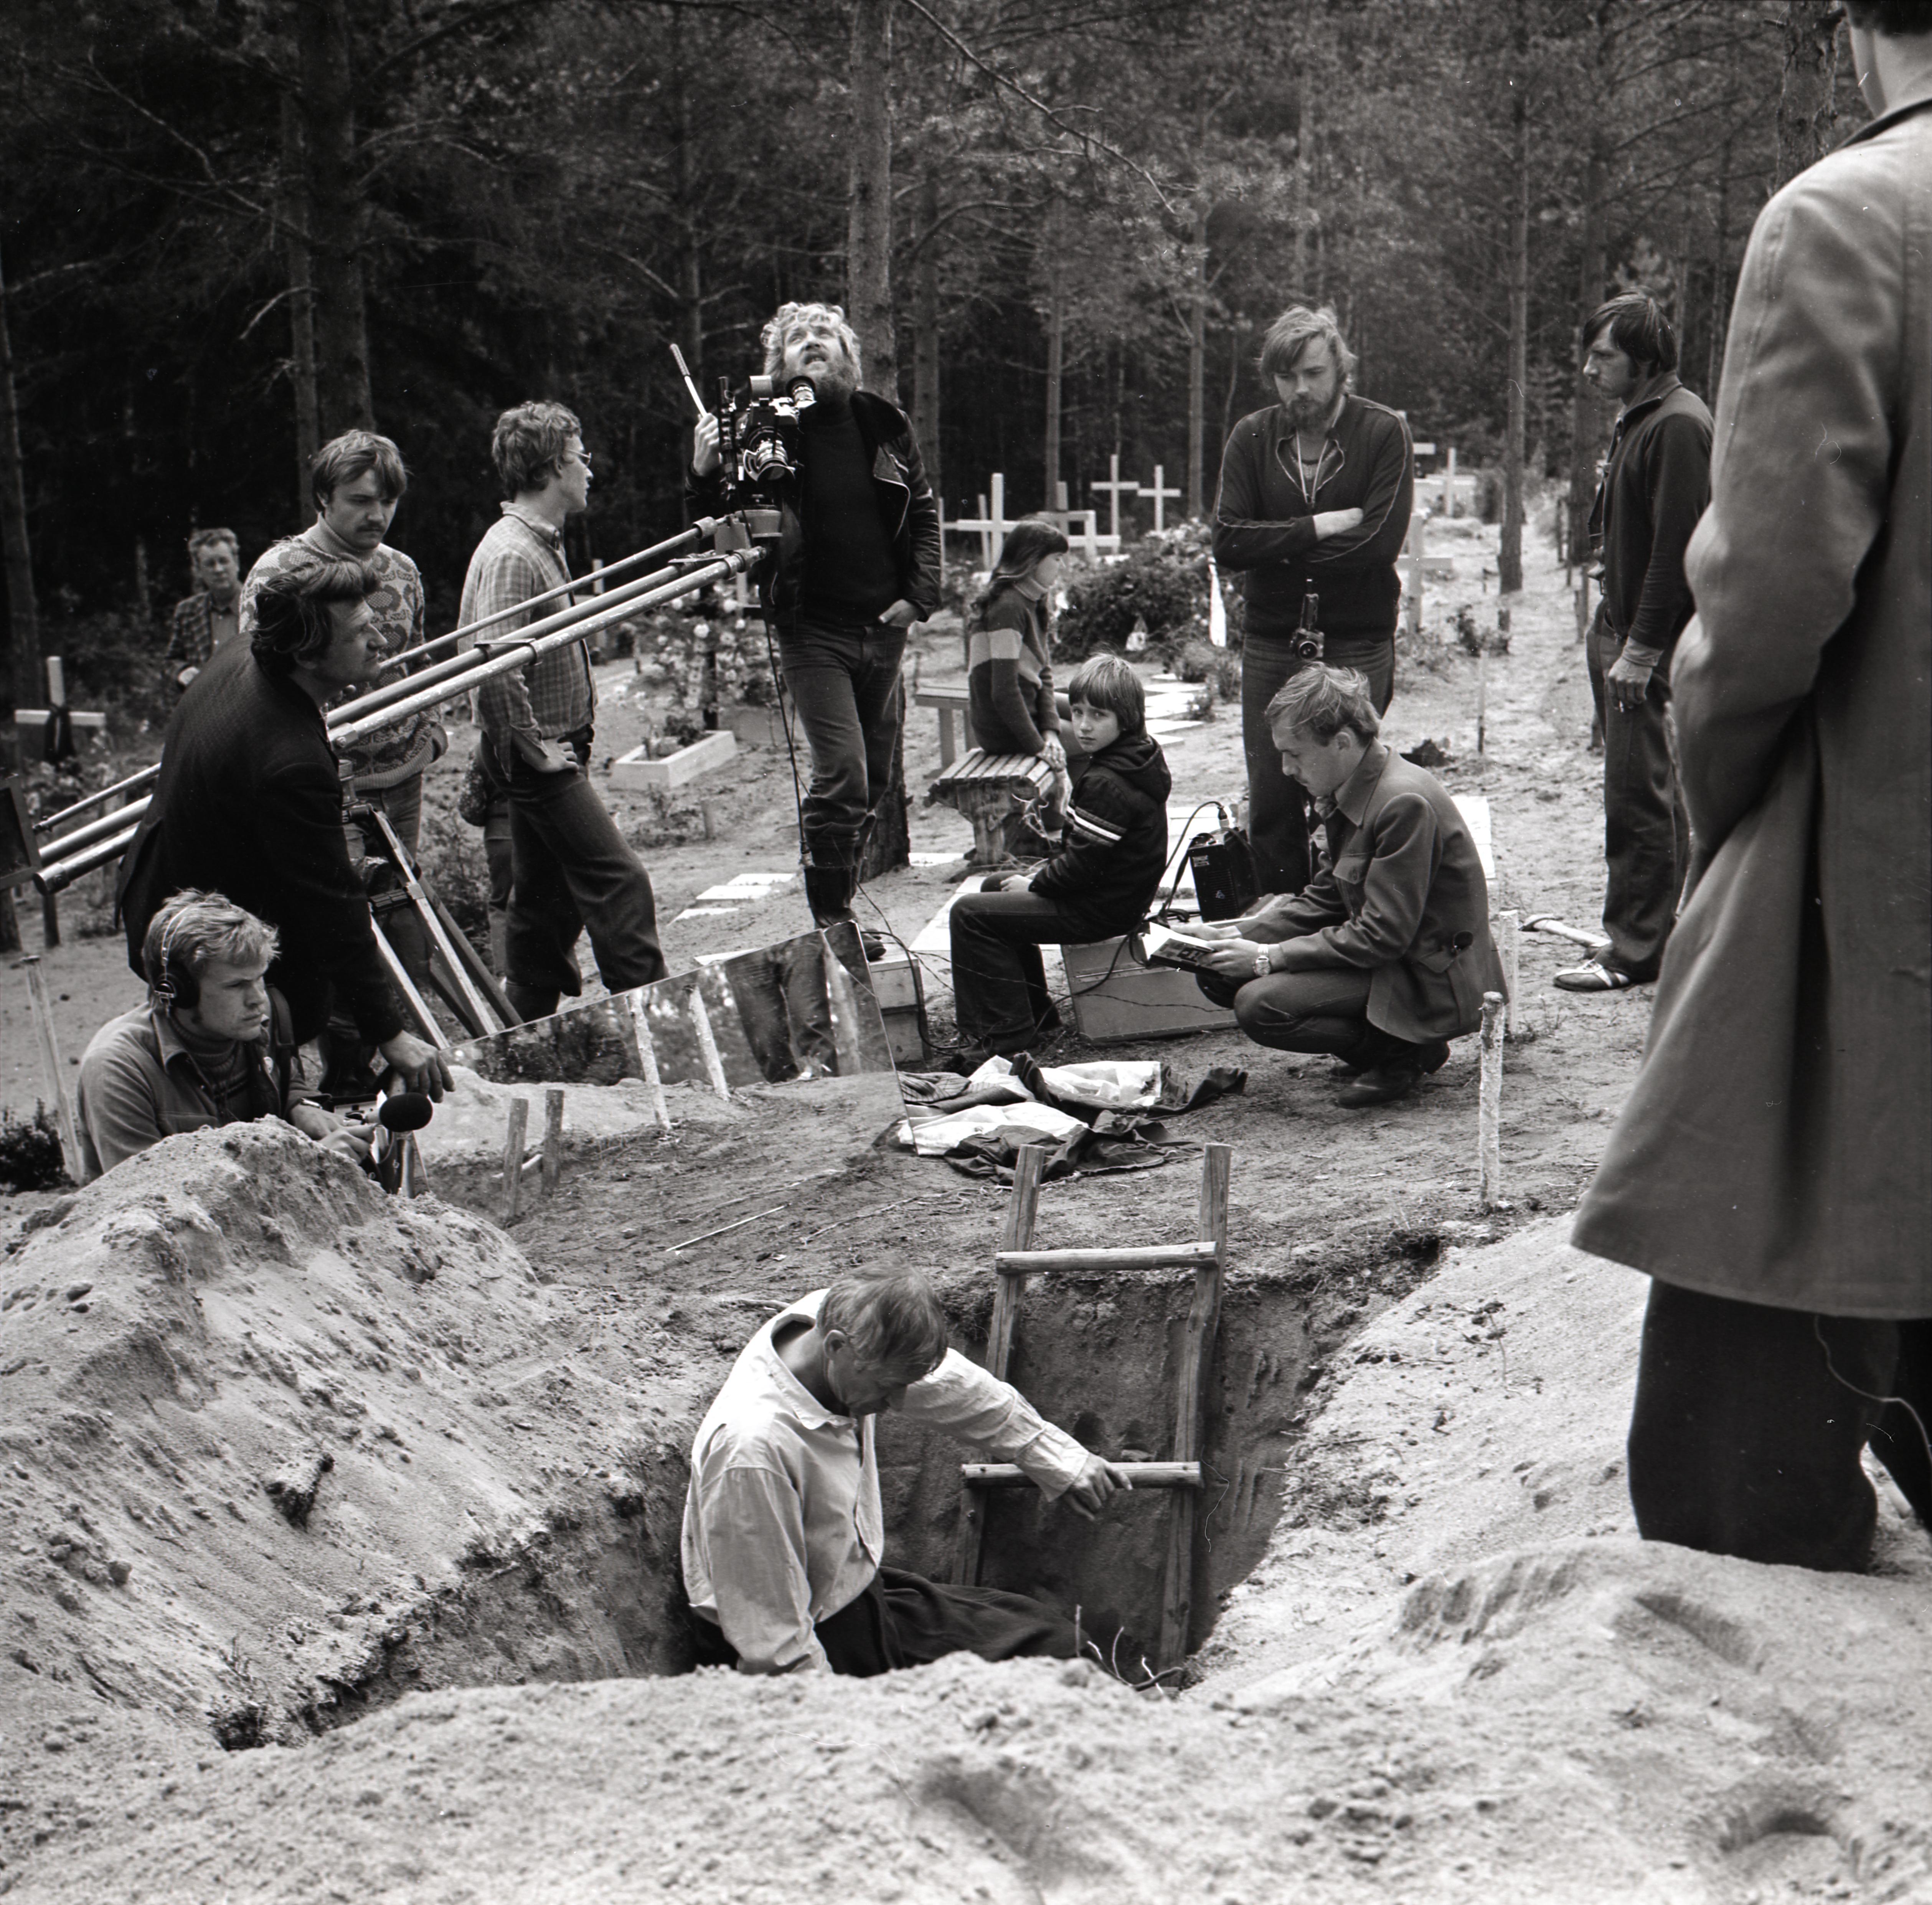 """Tallinnfilmi mängufilmi """"Metskannikesed"""" võttegrupp, ees keskel režissöör Kaljo Kiisk, kaamera taga operaator Jüri Sillart. Foto: Viktor Mendunen, 1979–80, EFA 0-340961"""